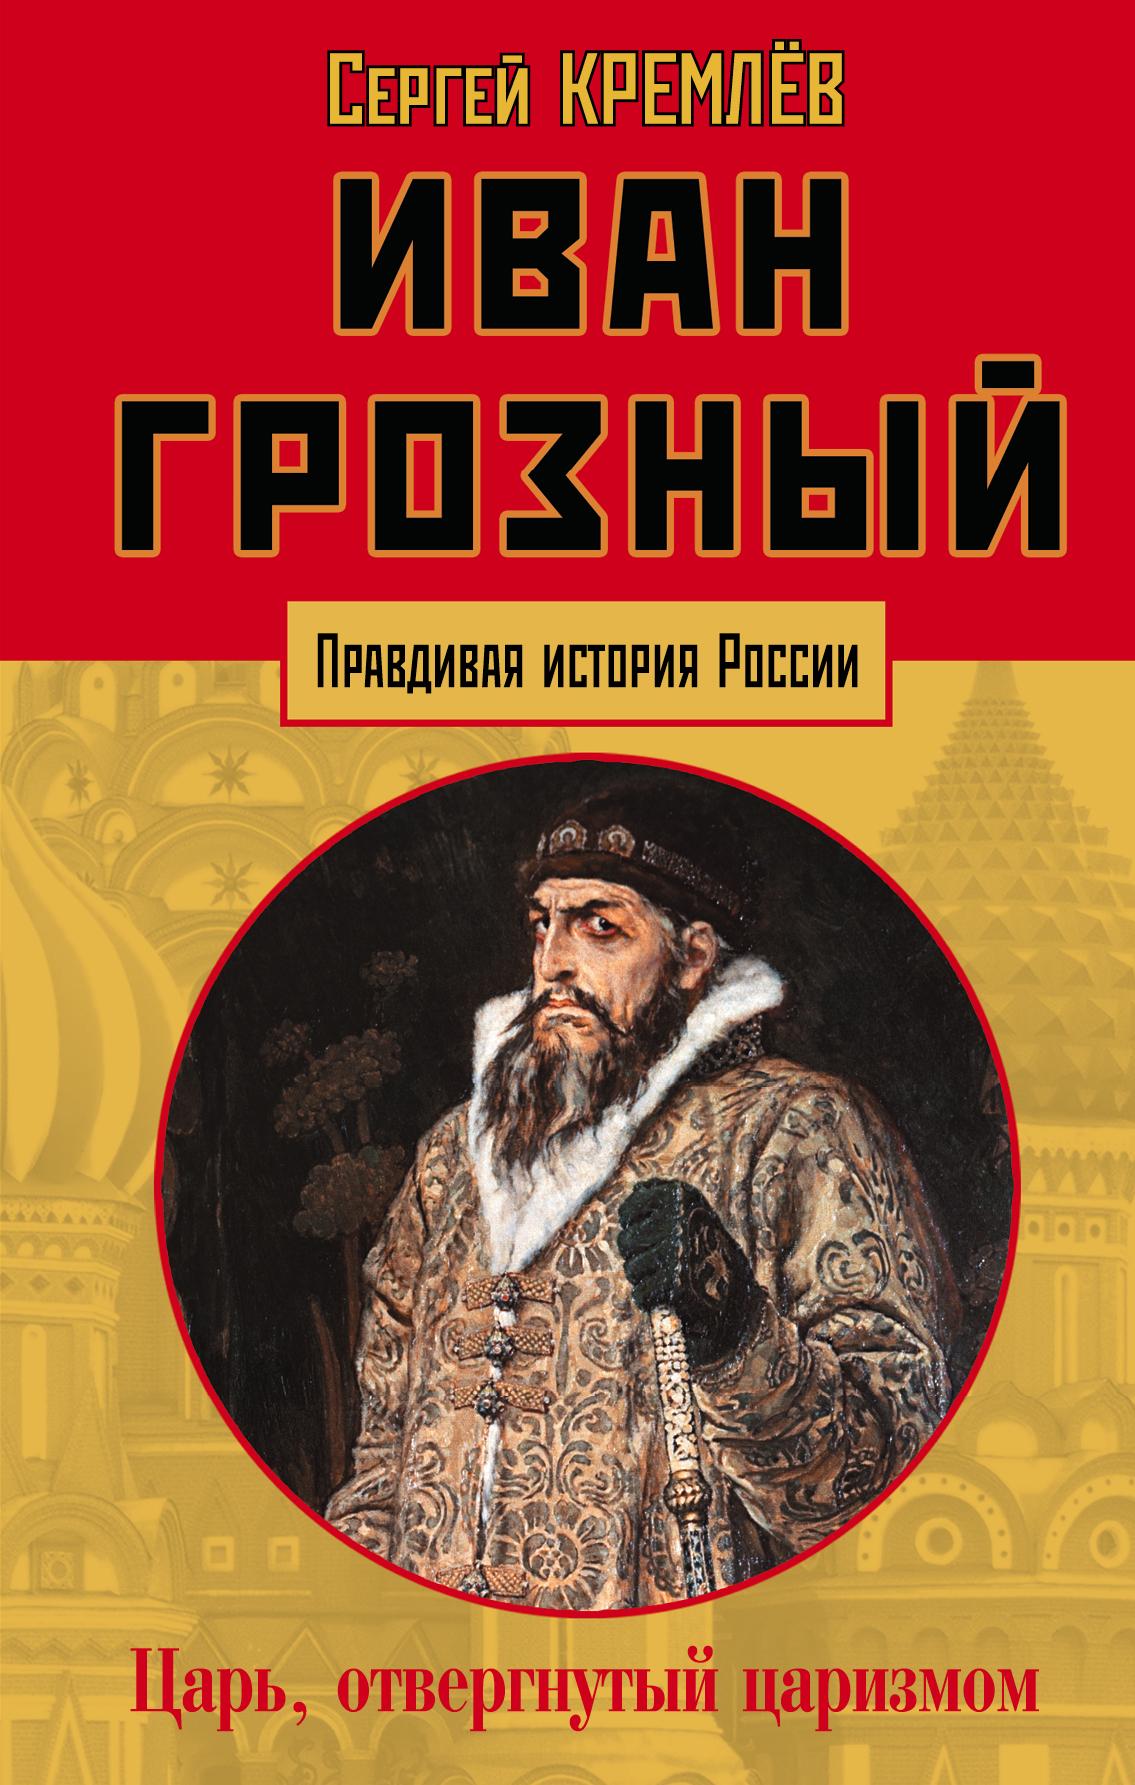 ivan groznyy tsar otvergnutyy tsarizmom